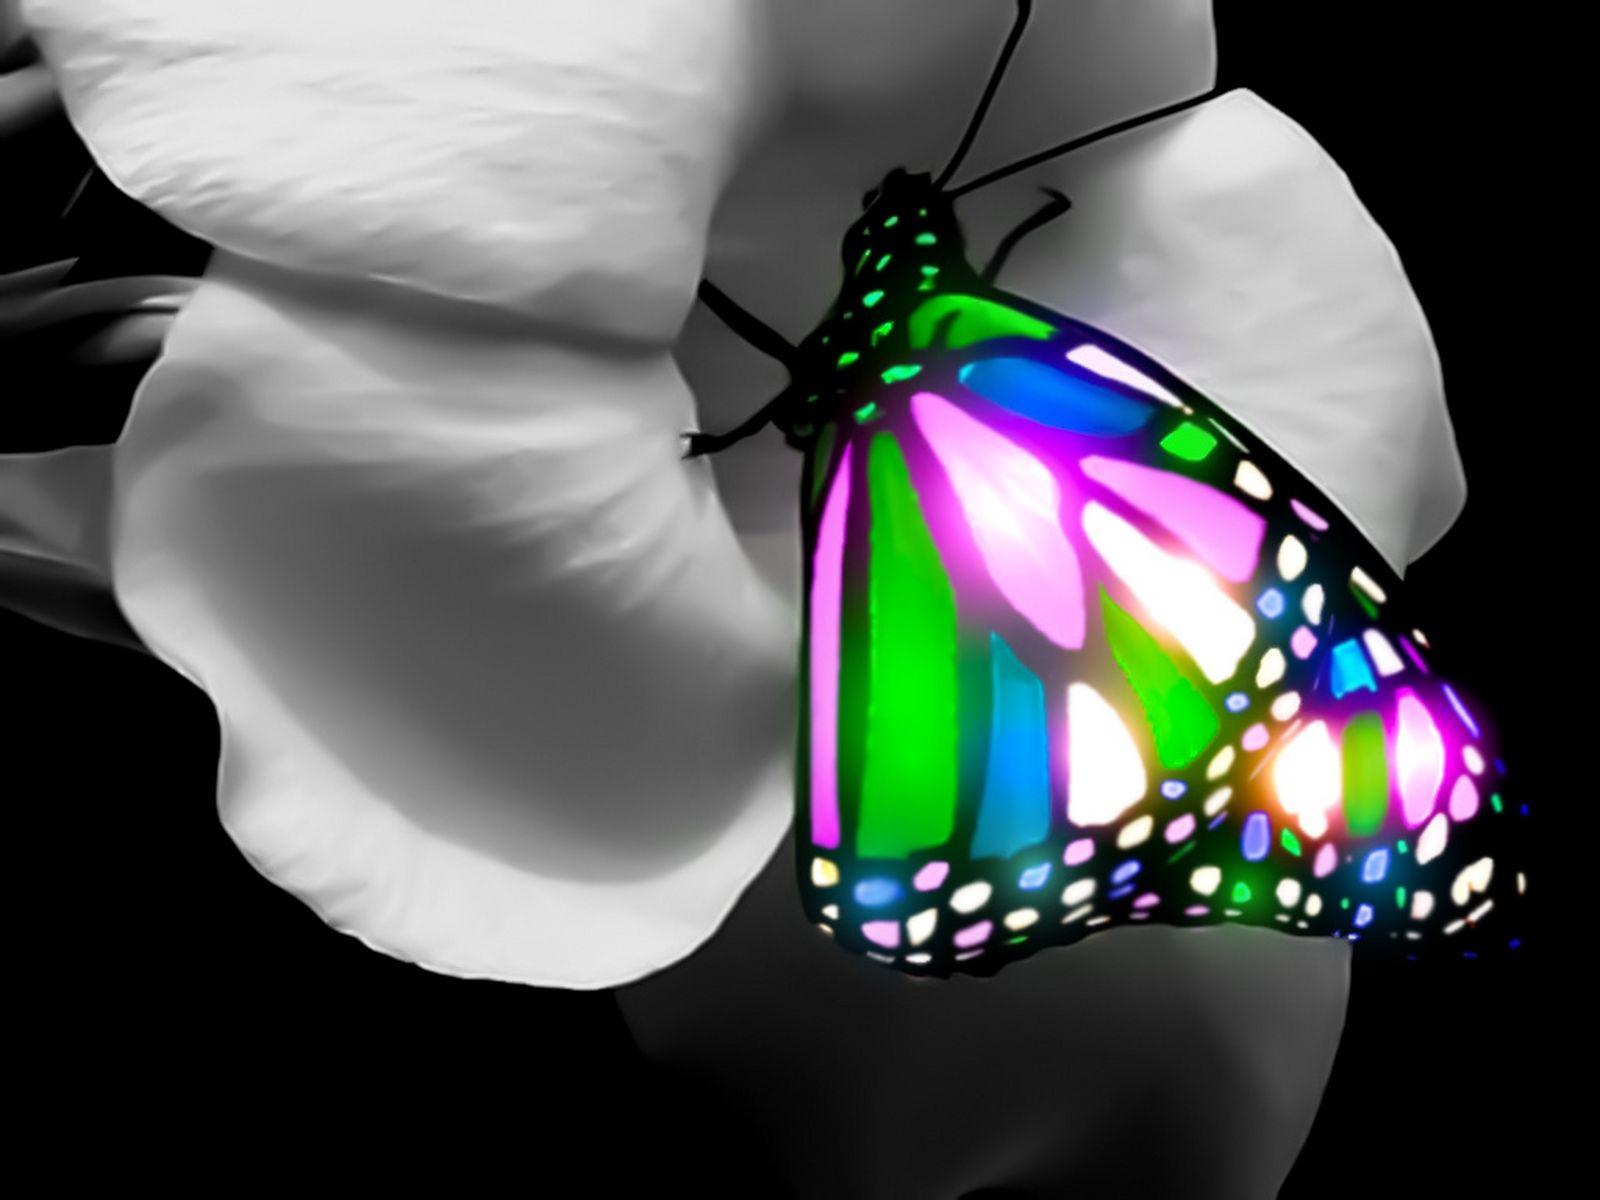 Butterfly Wallpaper 3d 16001200 121281 HD Wallpaper Res 1600x1200 1600x1200